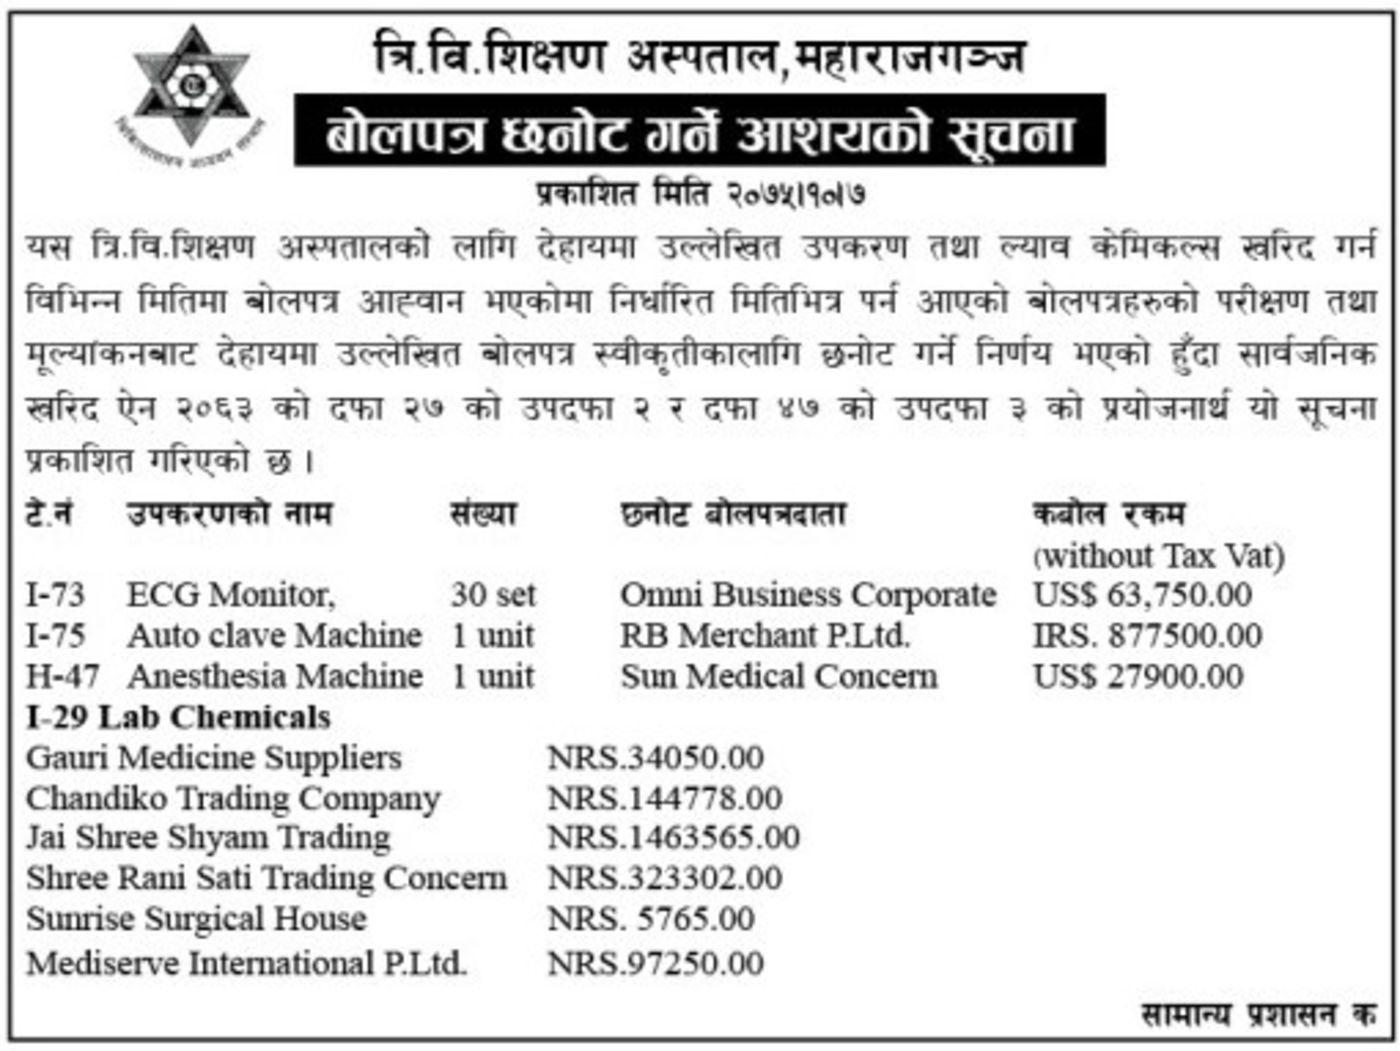 Bids and Tenders Nepal - Tender - Purchase Of ECG Monitor